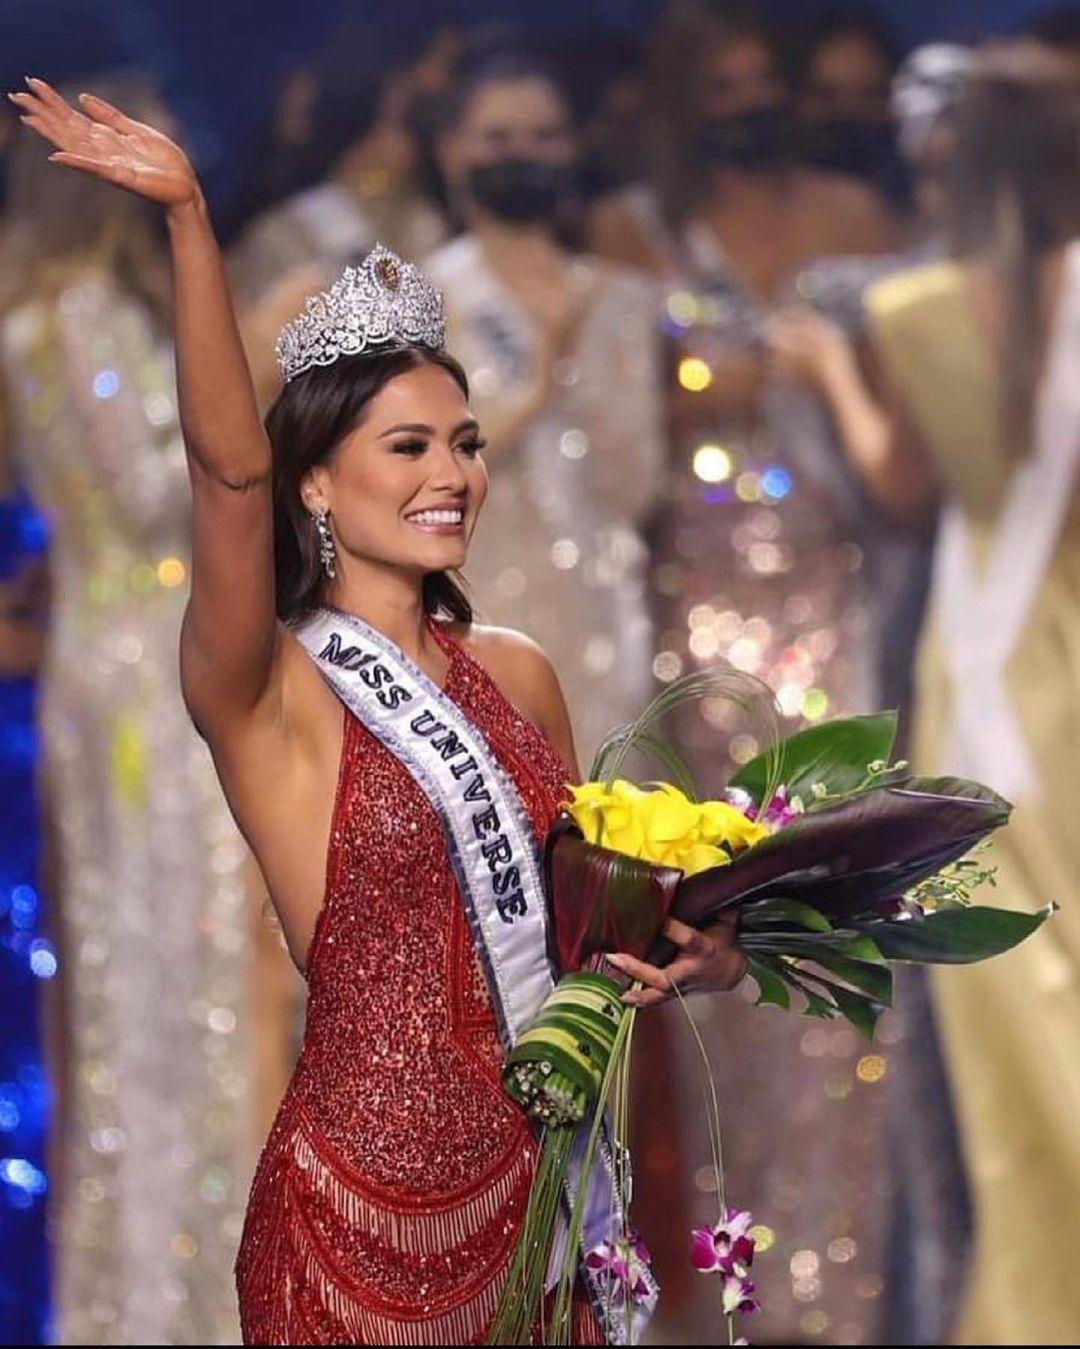 Андреа Меза победительница мисс вселенная 2020